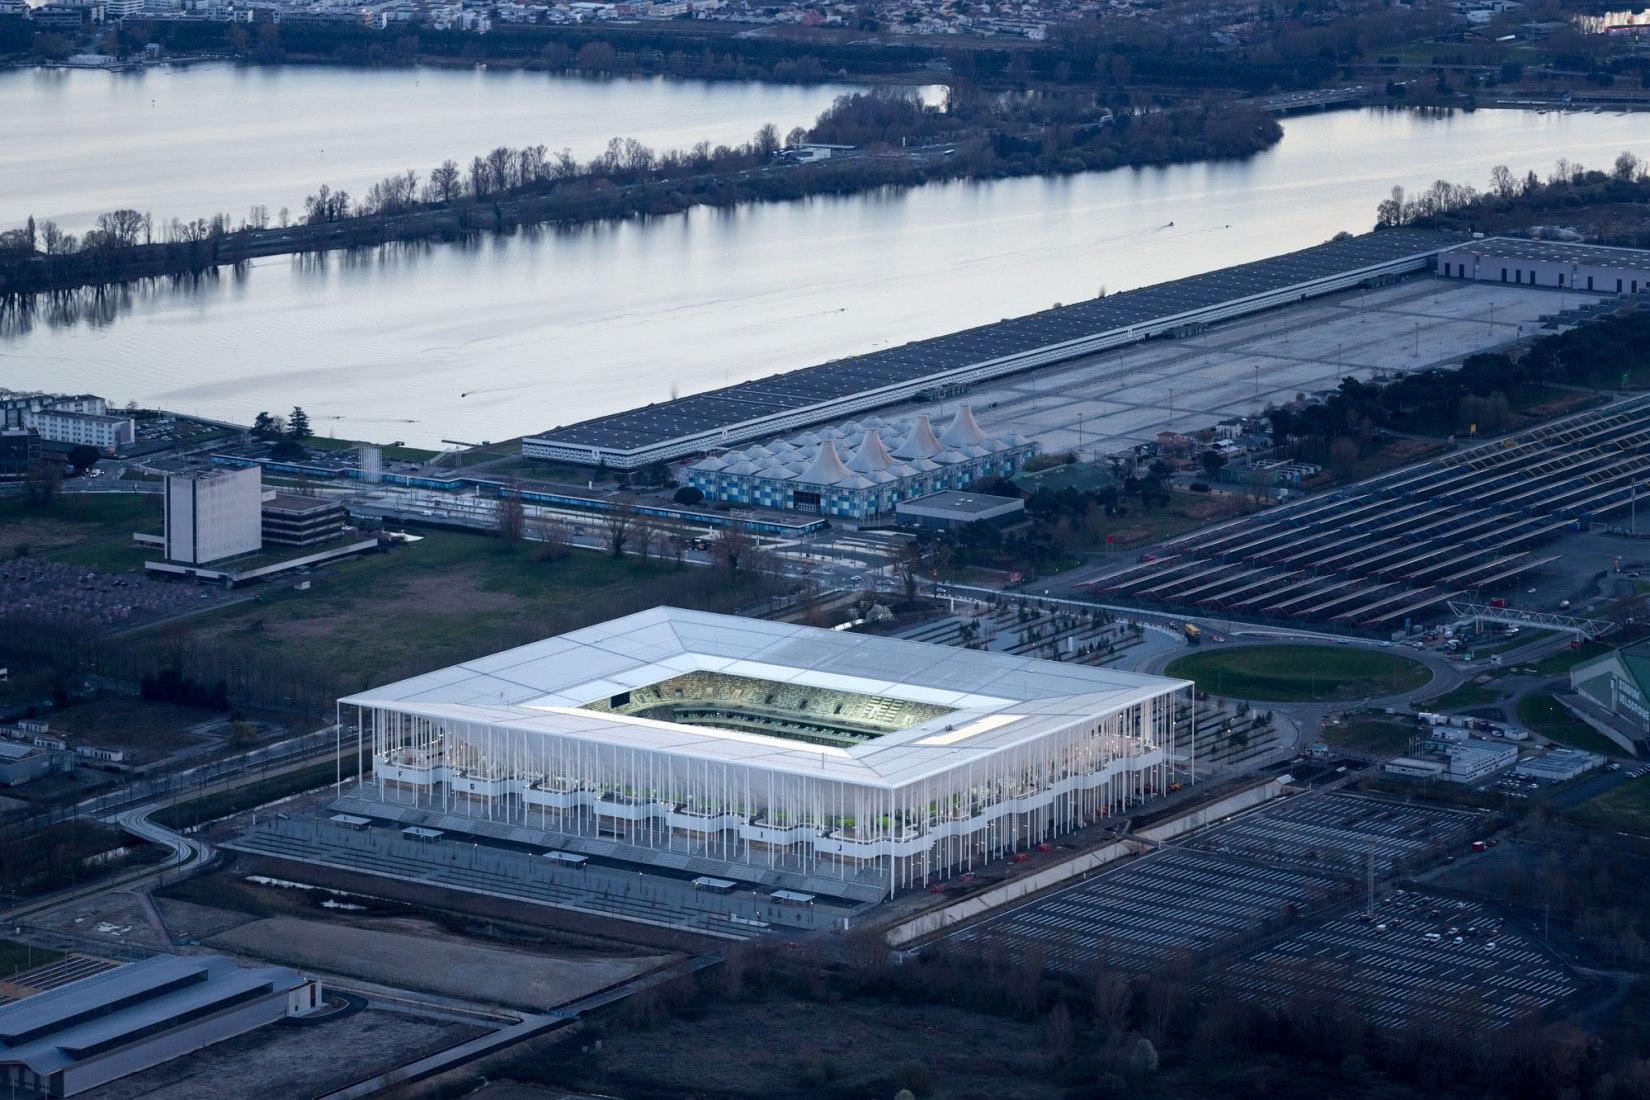 Vista general. Nuevo estadio de Burdeos por Herzog & De Meuron. Imagen © Iwan Baan.og & De Meuron. Image © Iwan Baan.